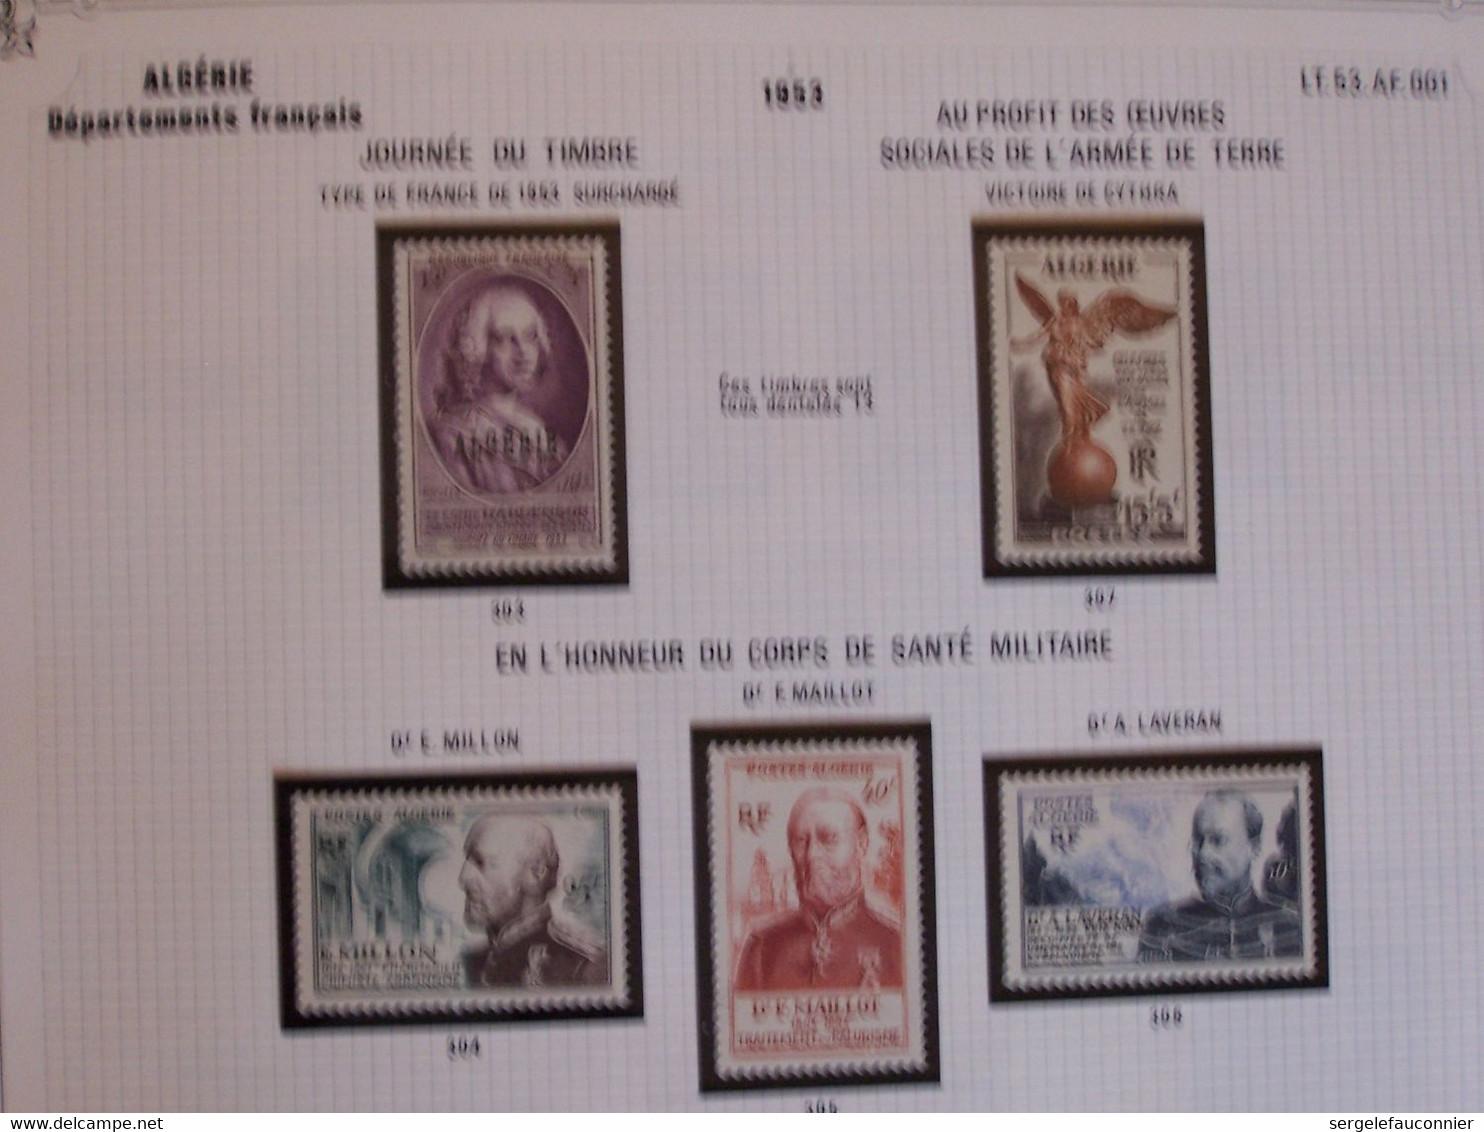 ALBUM ALGERIE Département FRANCAIS.Timbres-Poste De FRANCE Neufs Surchargés, Spécifiques Classement Chrono 1924-1958 - Collezioni & Lotti